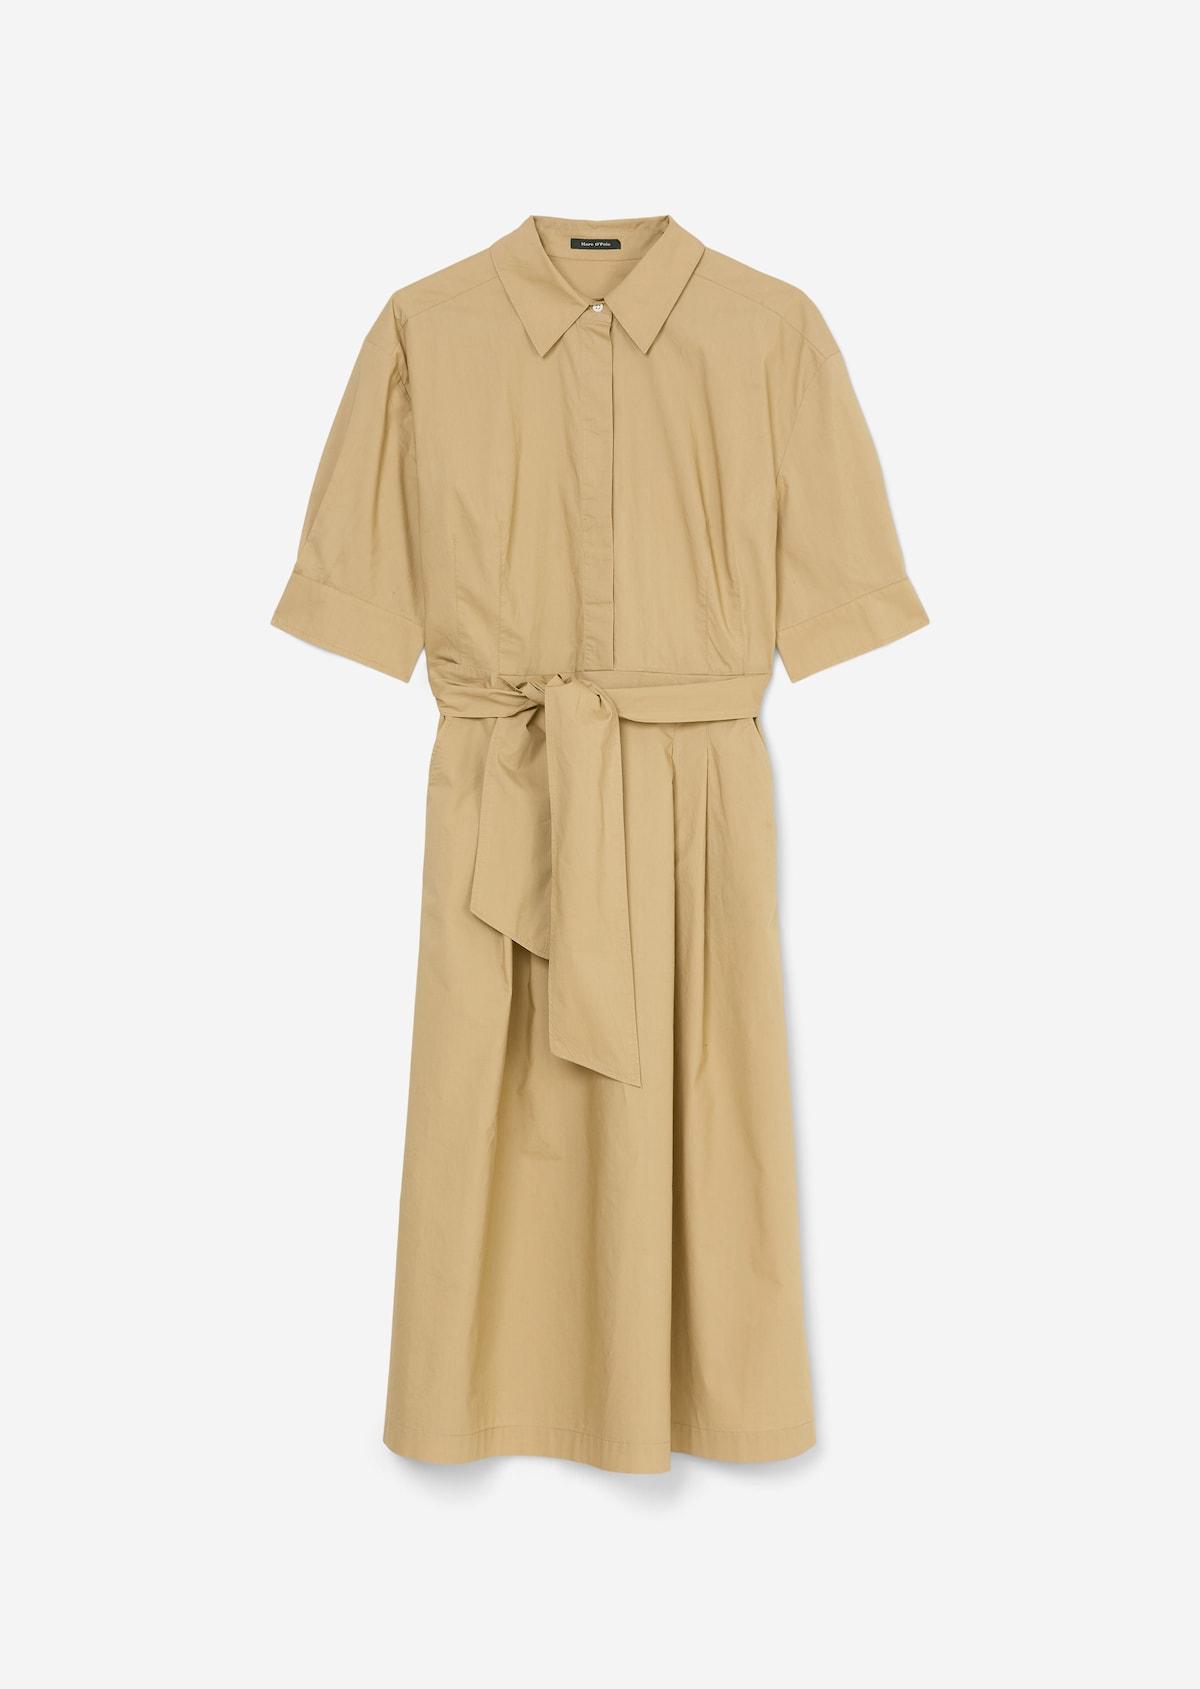 Blouse dress Made of cotton poplin   beige   Shirt dresses   MARC ...